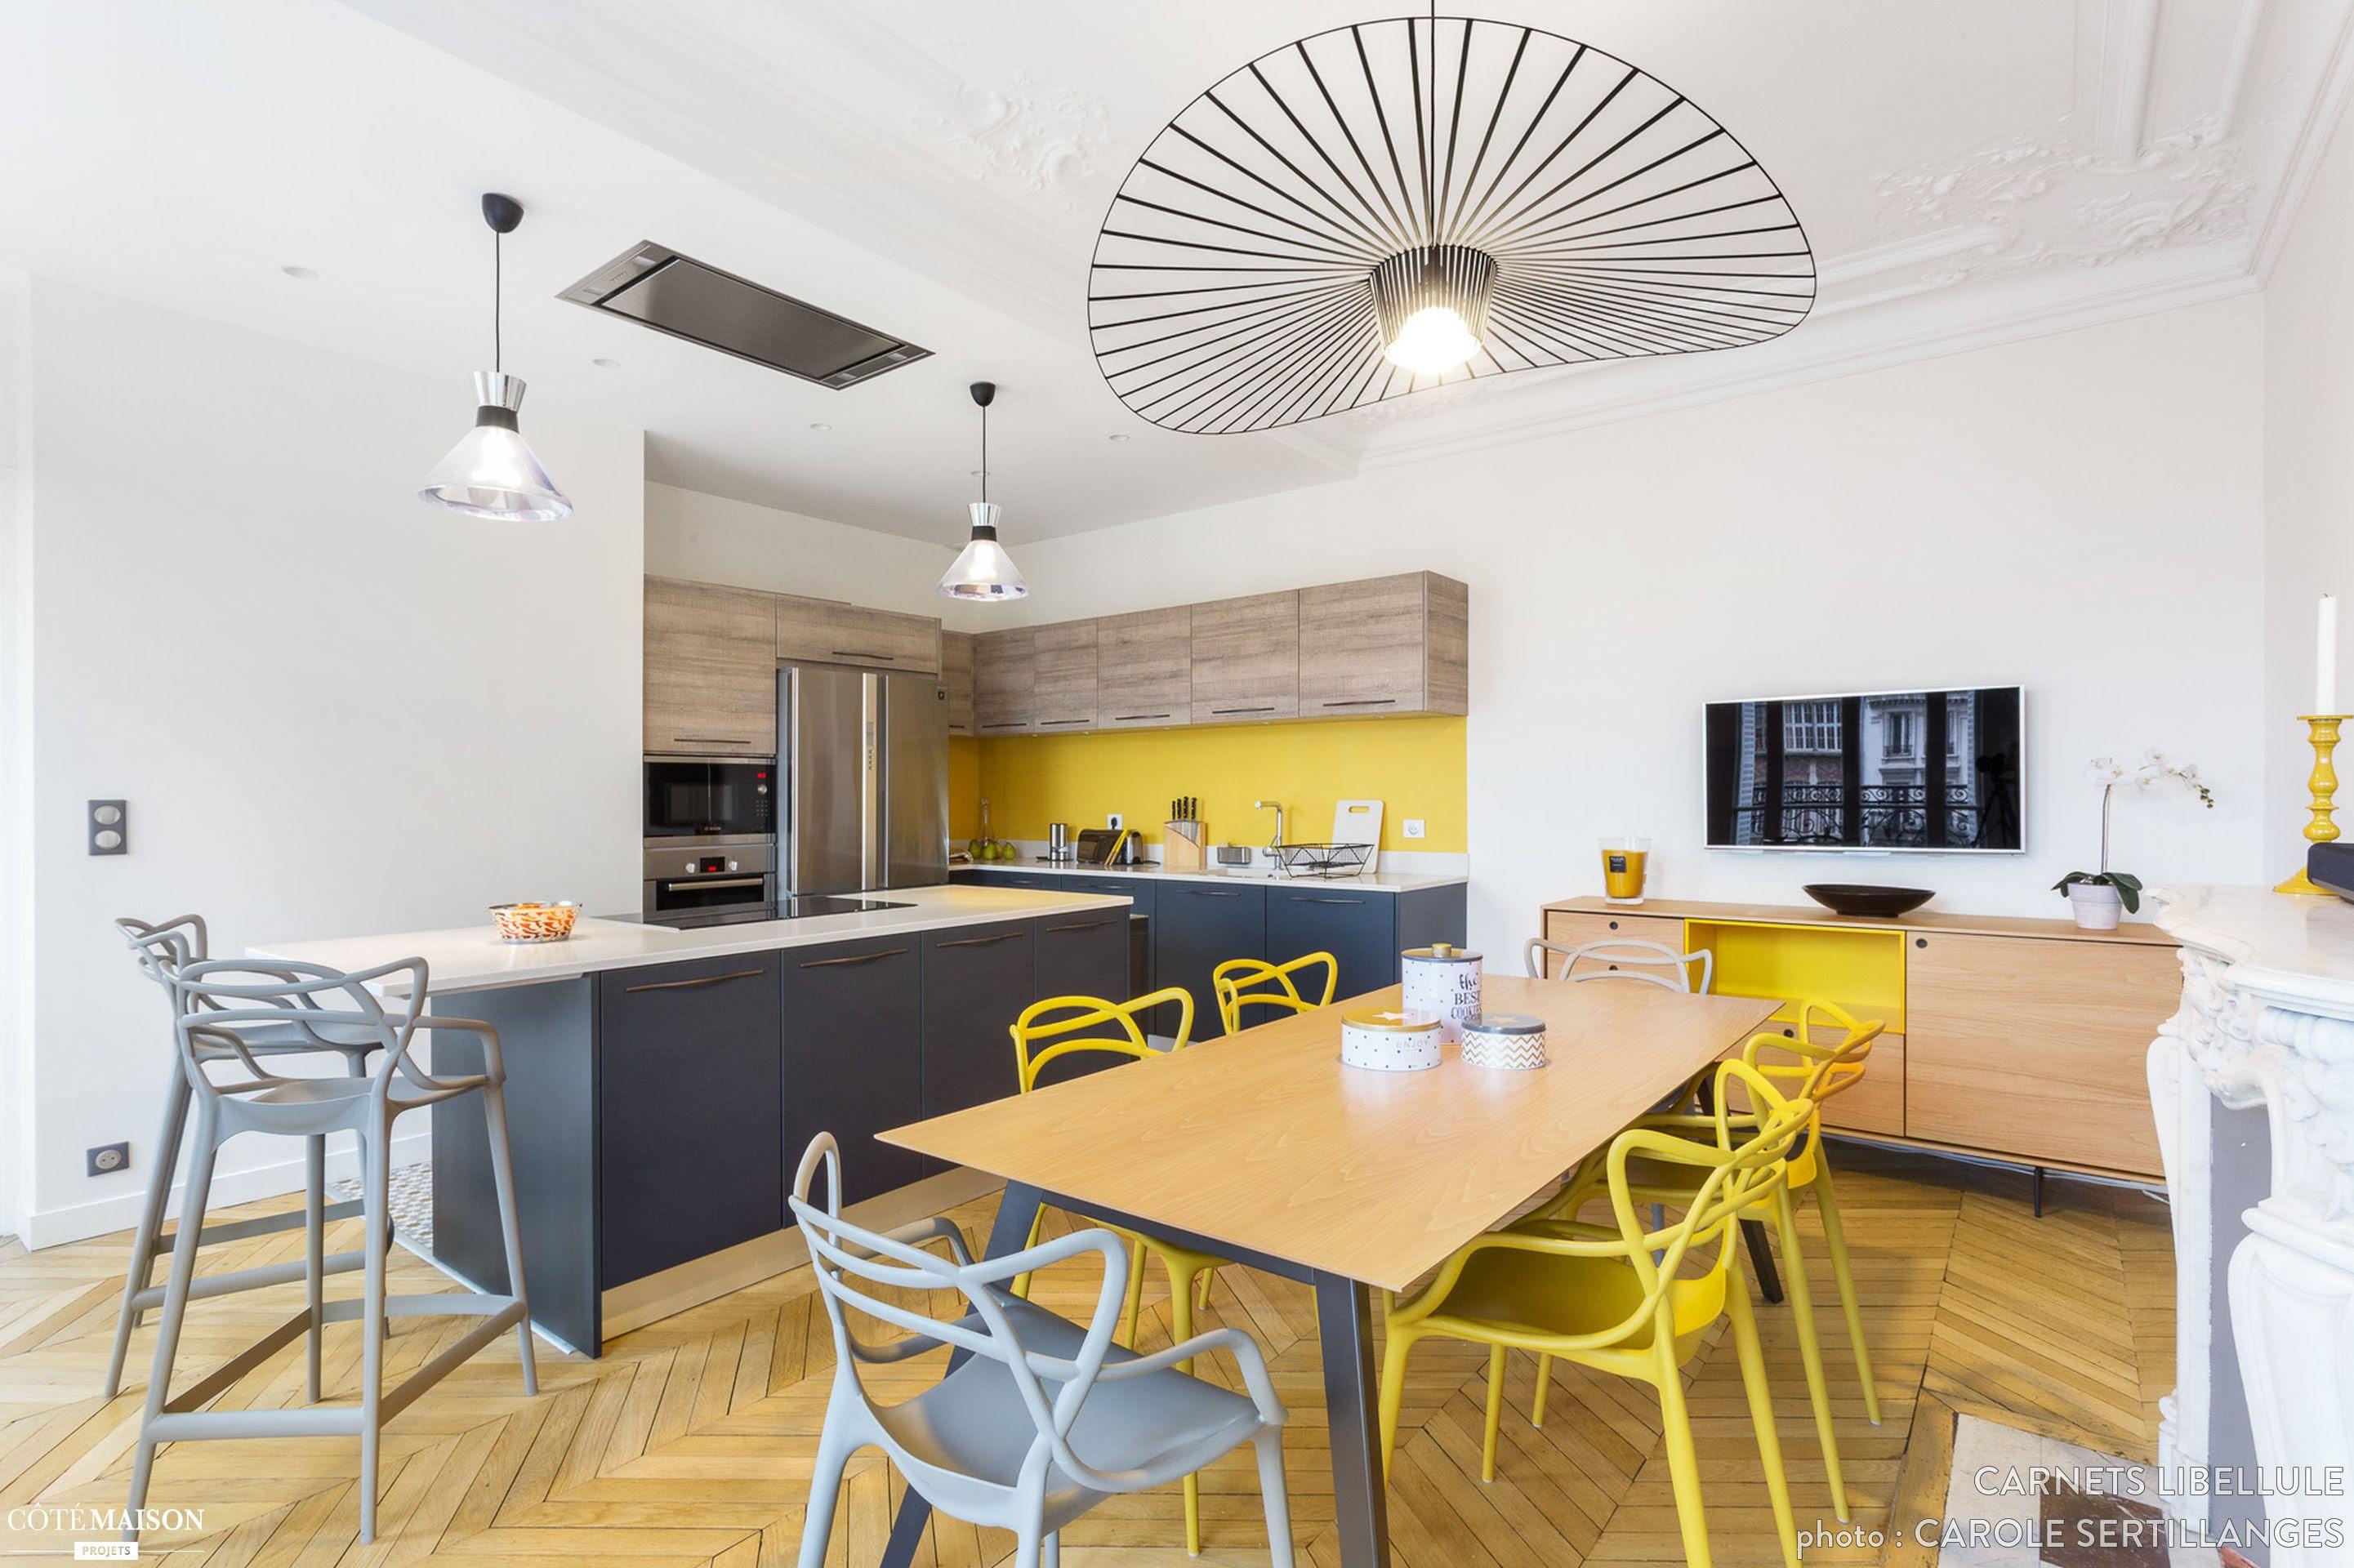 Design De Maison Minimaliste: Interieur Maison Moderne ...